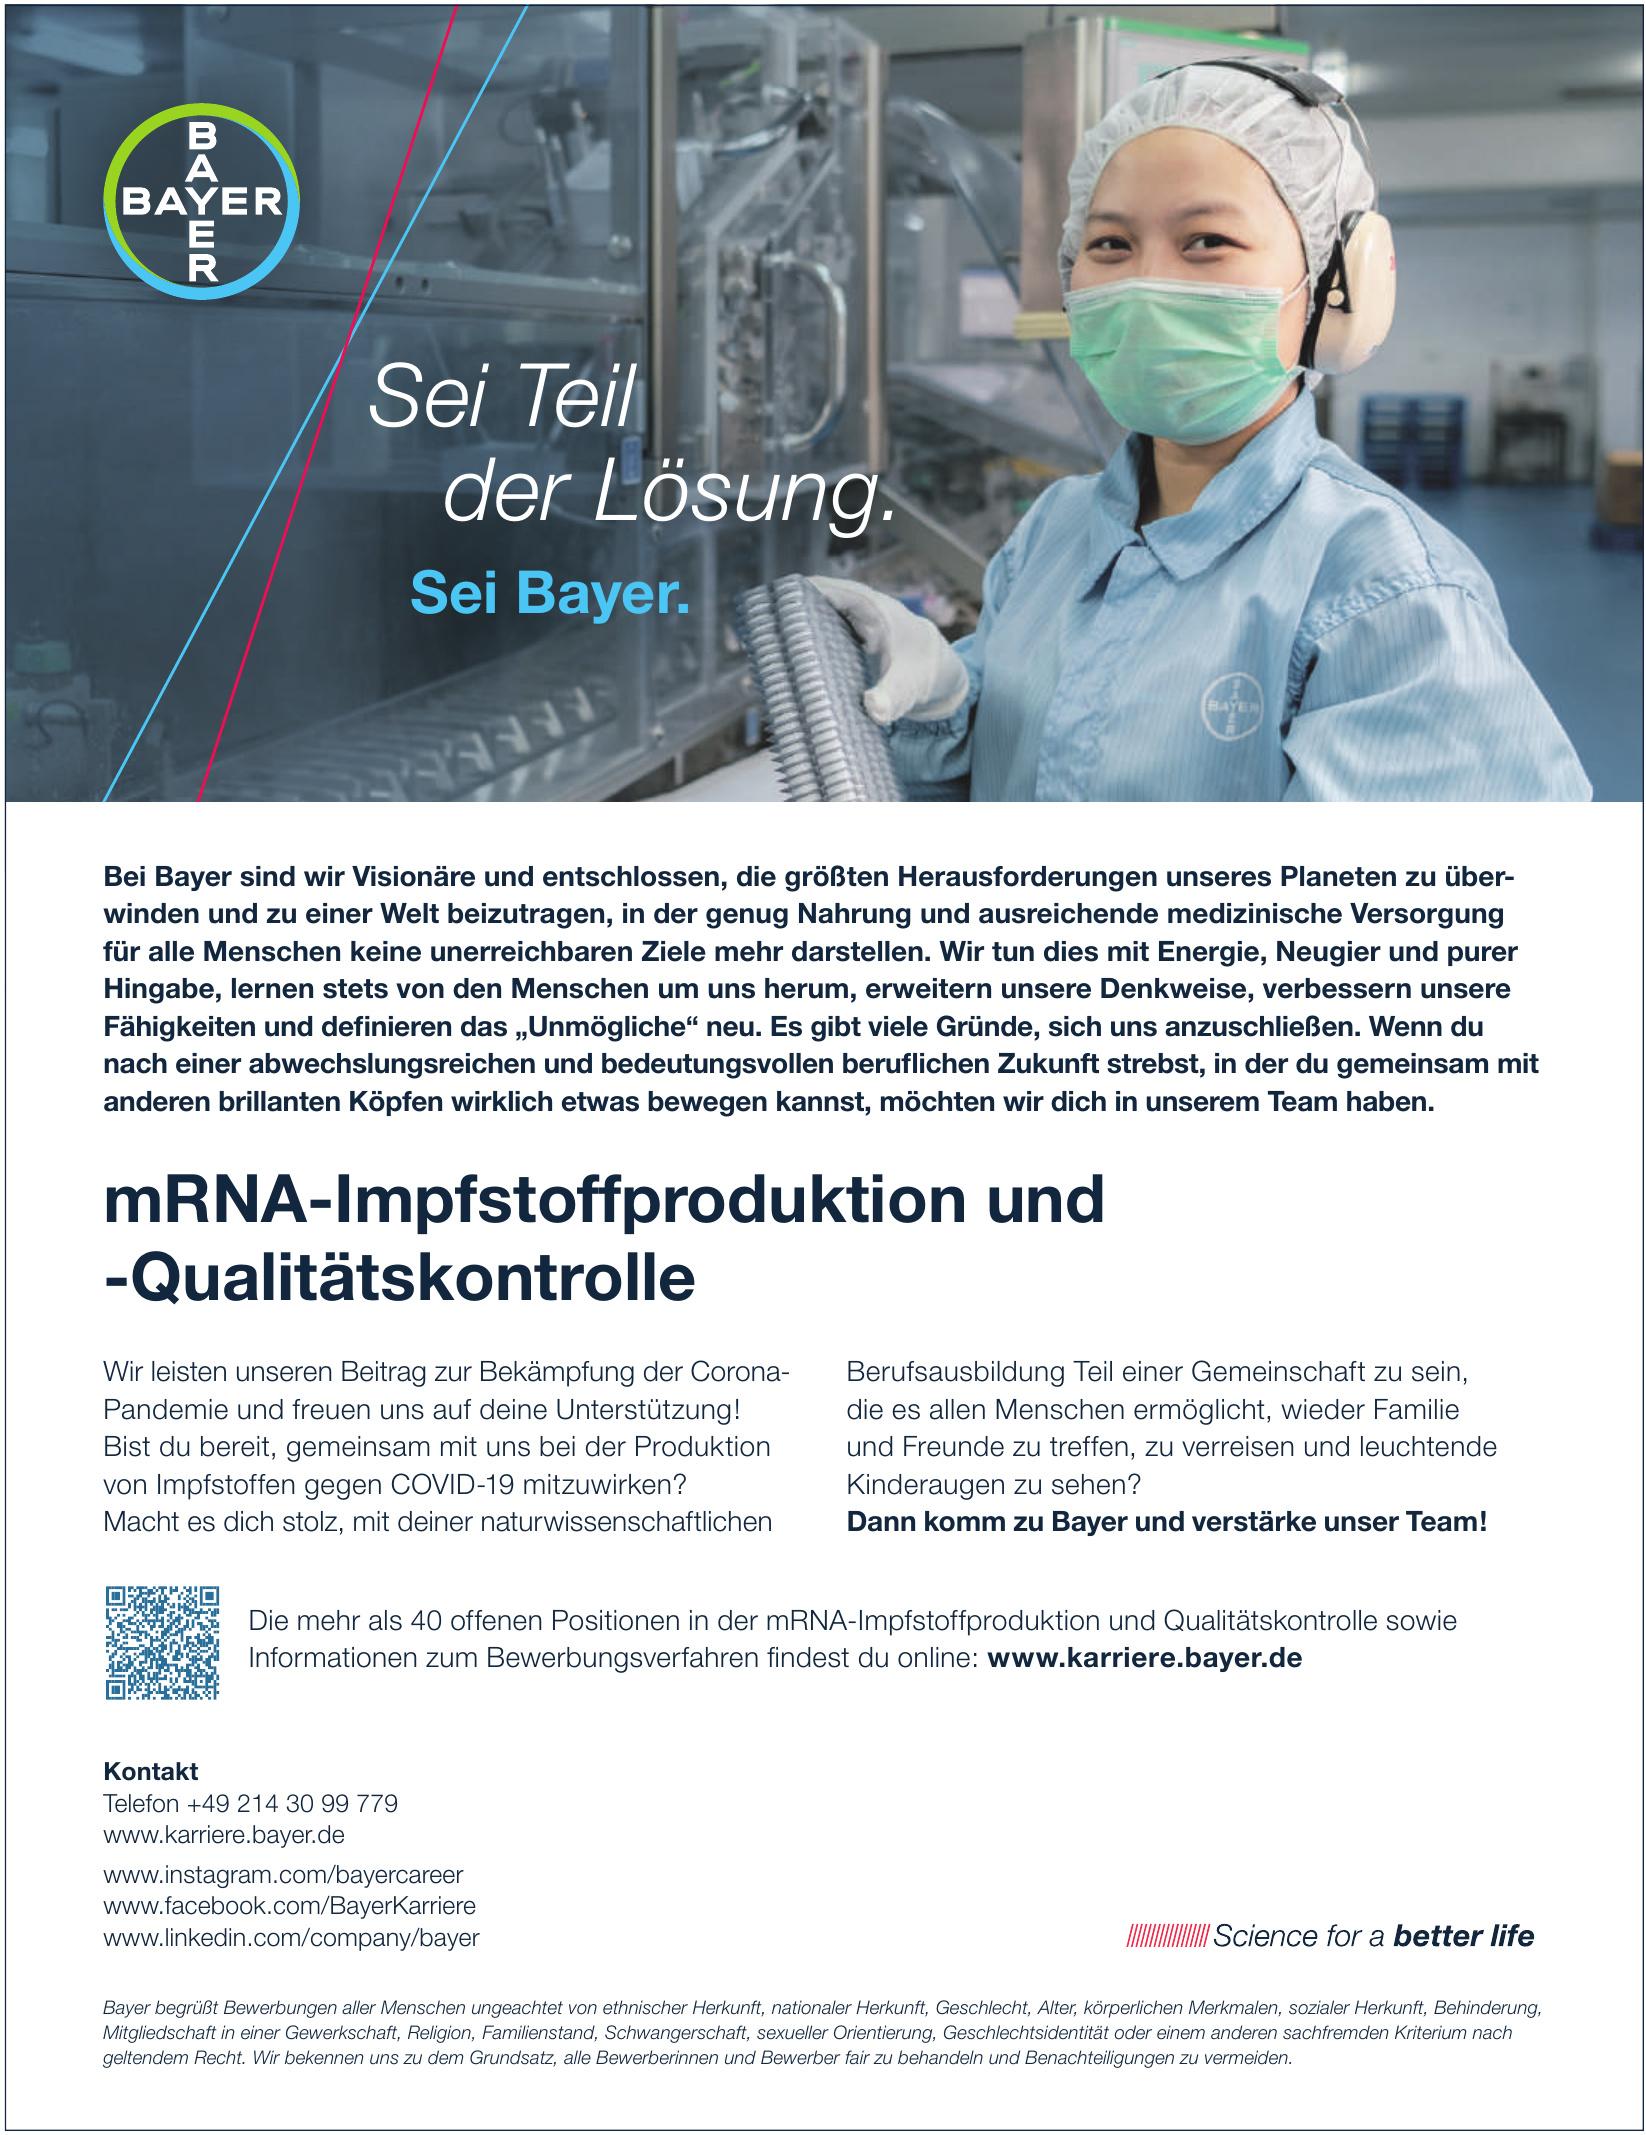 Karriere Bayer